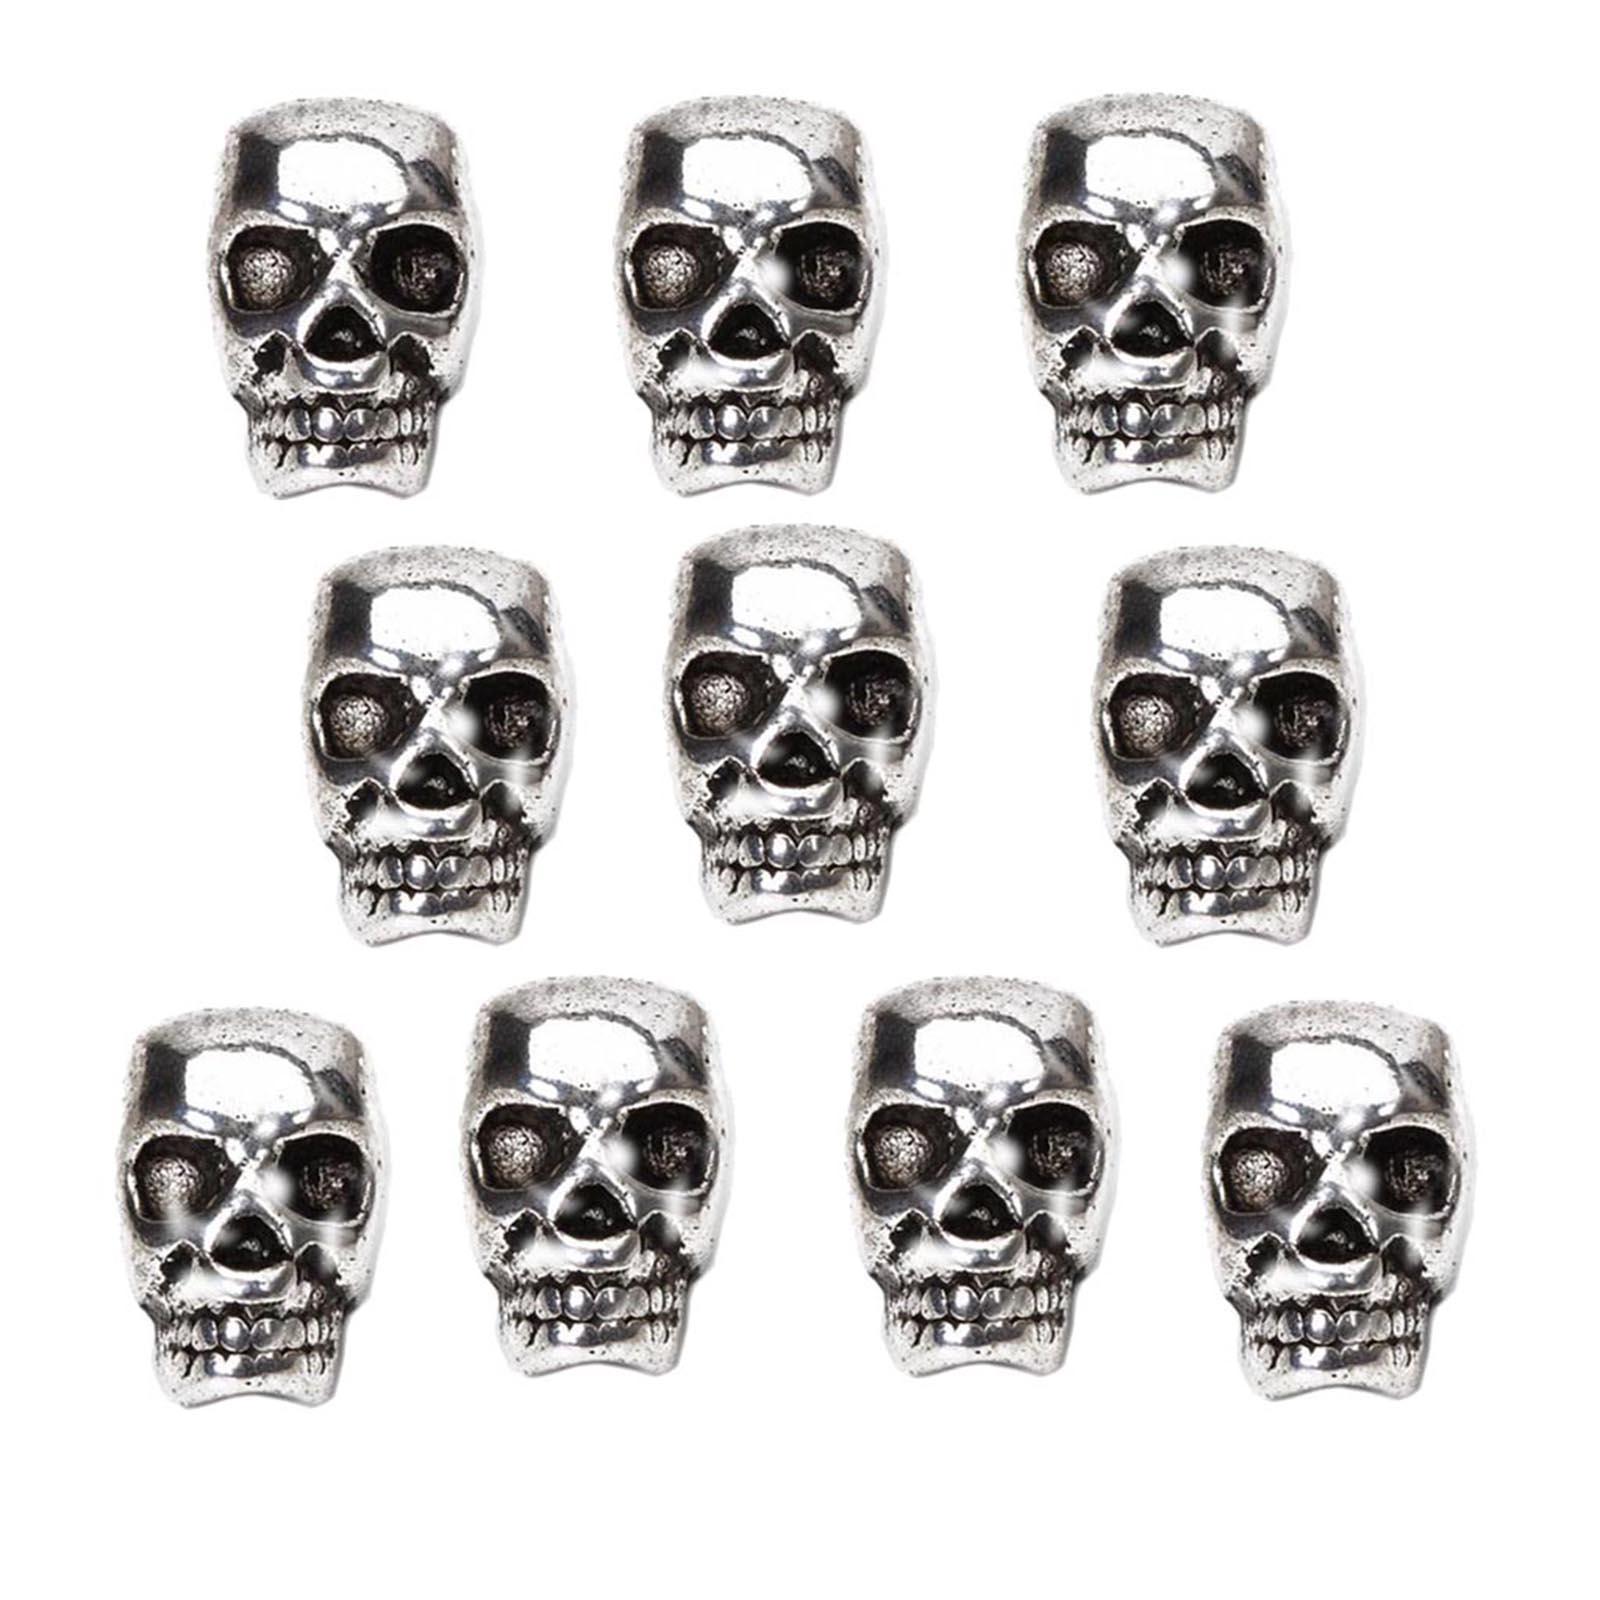 10pcs Tibet Silver Skull Spacer Beads